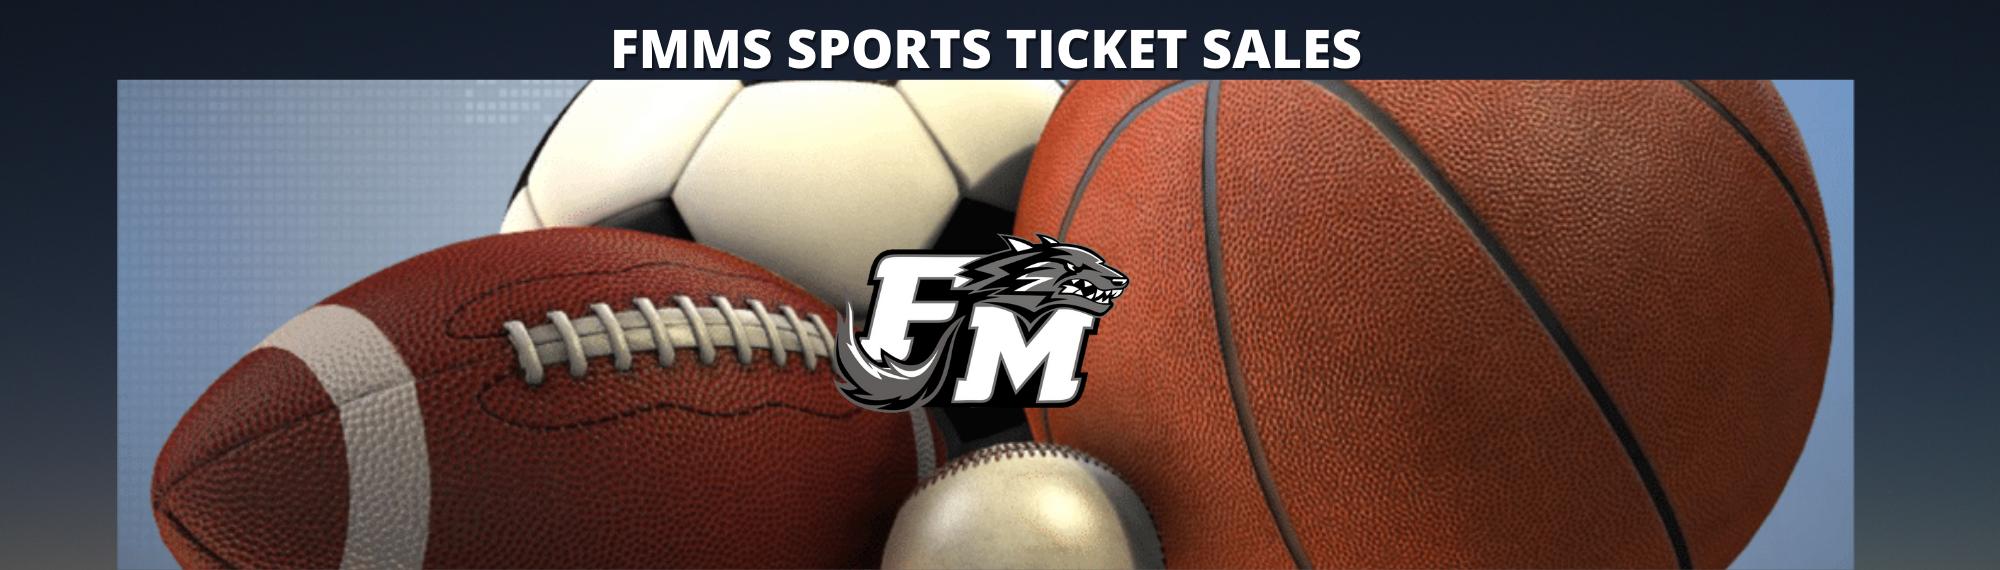 FMMS Sports Ticket Sales